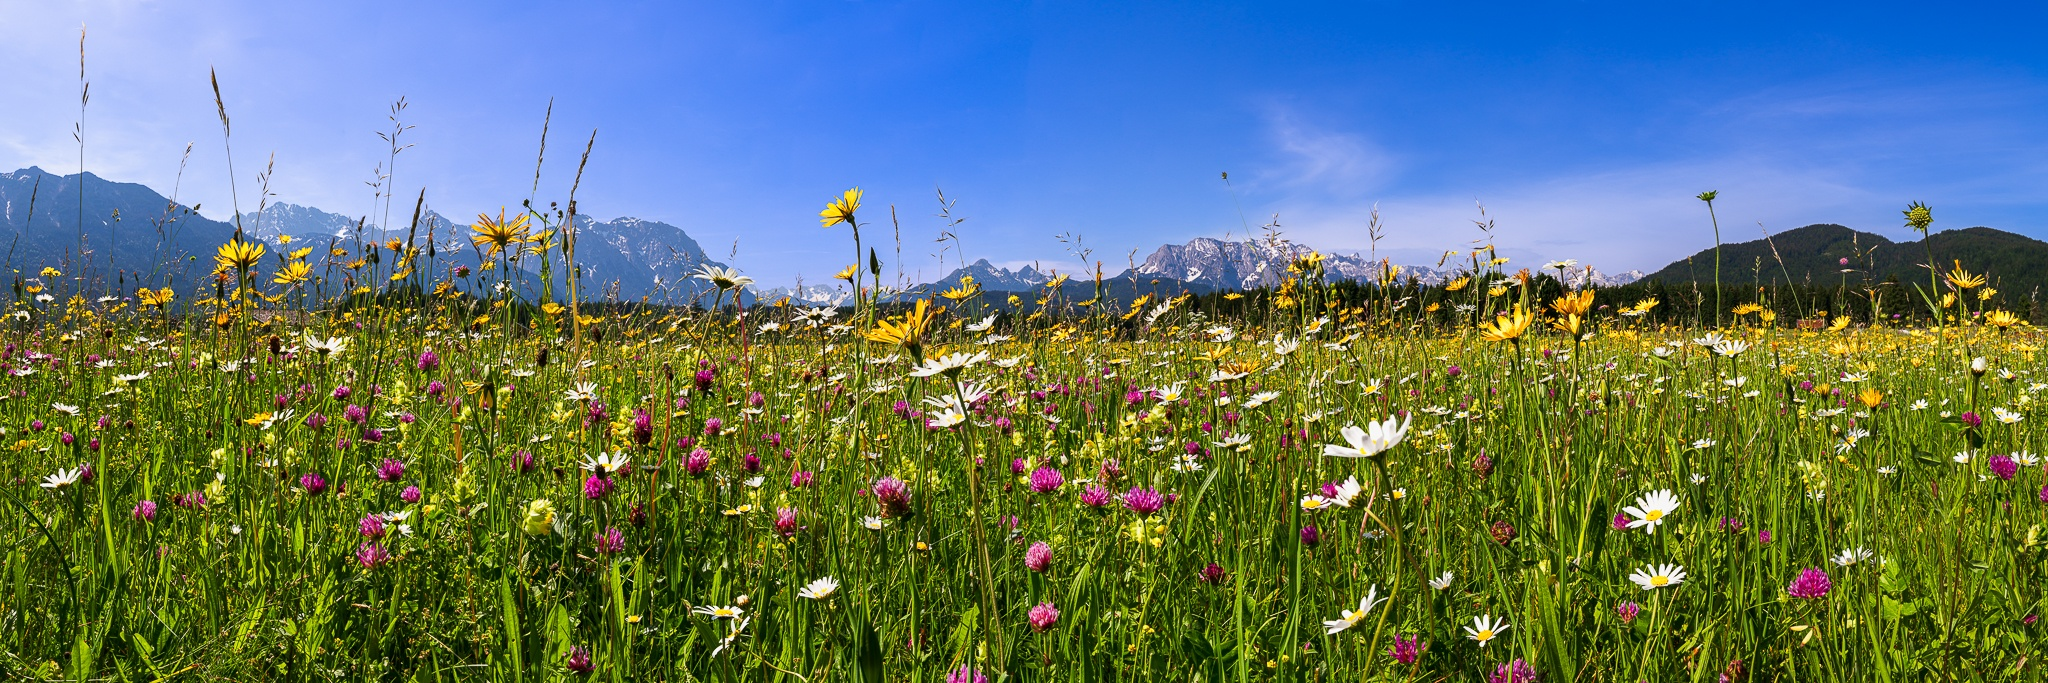 Blumenwiese in den bayerischen Bergen bei Krün. Hier blühen Margeriten, Wiesen-Bocksbart, Klee, Klappertopf, Witwenblumen.